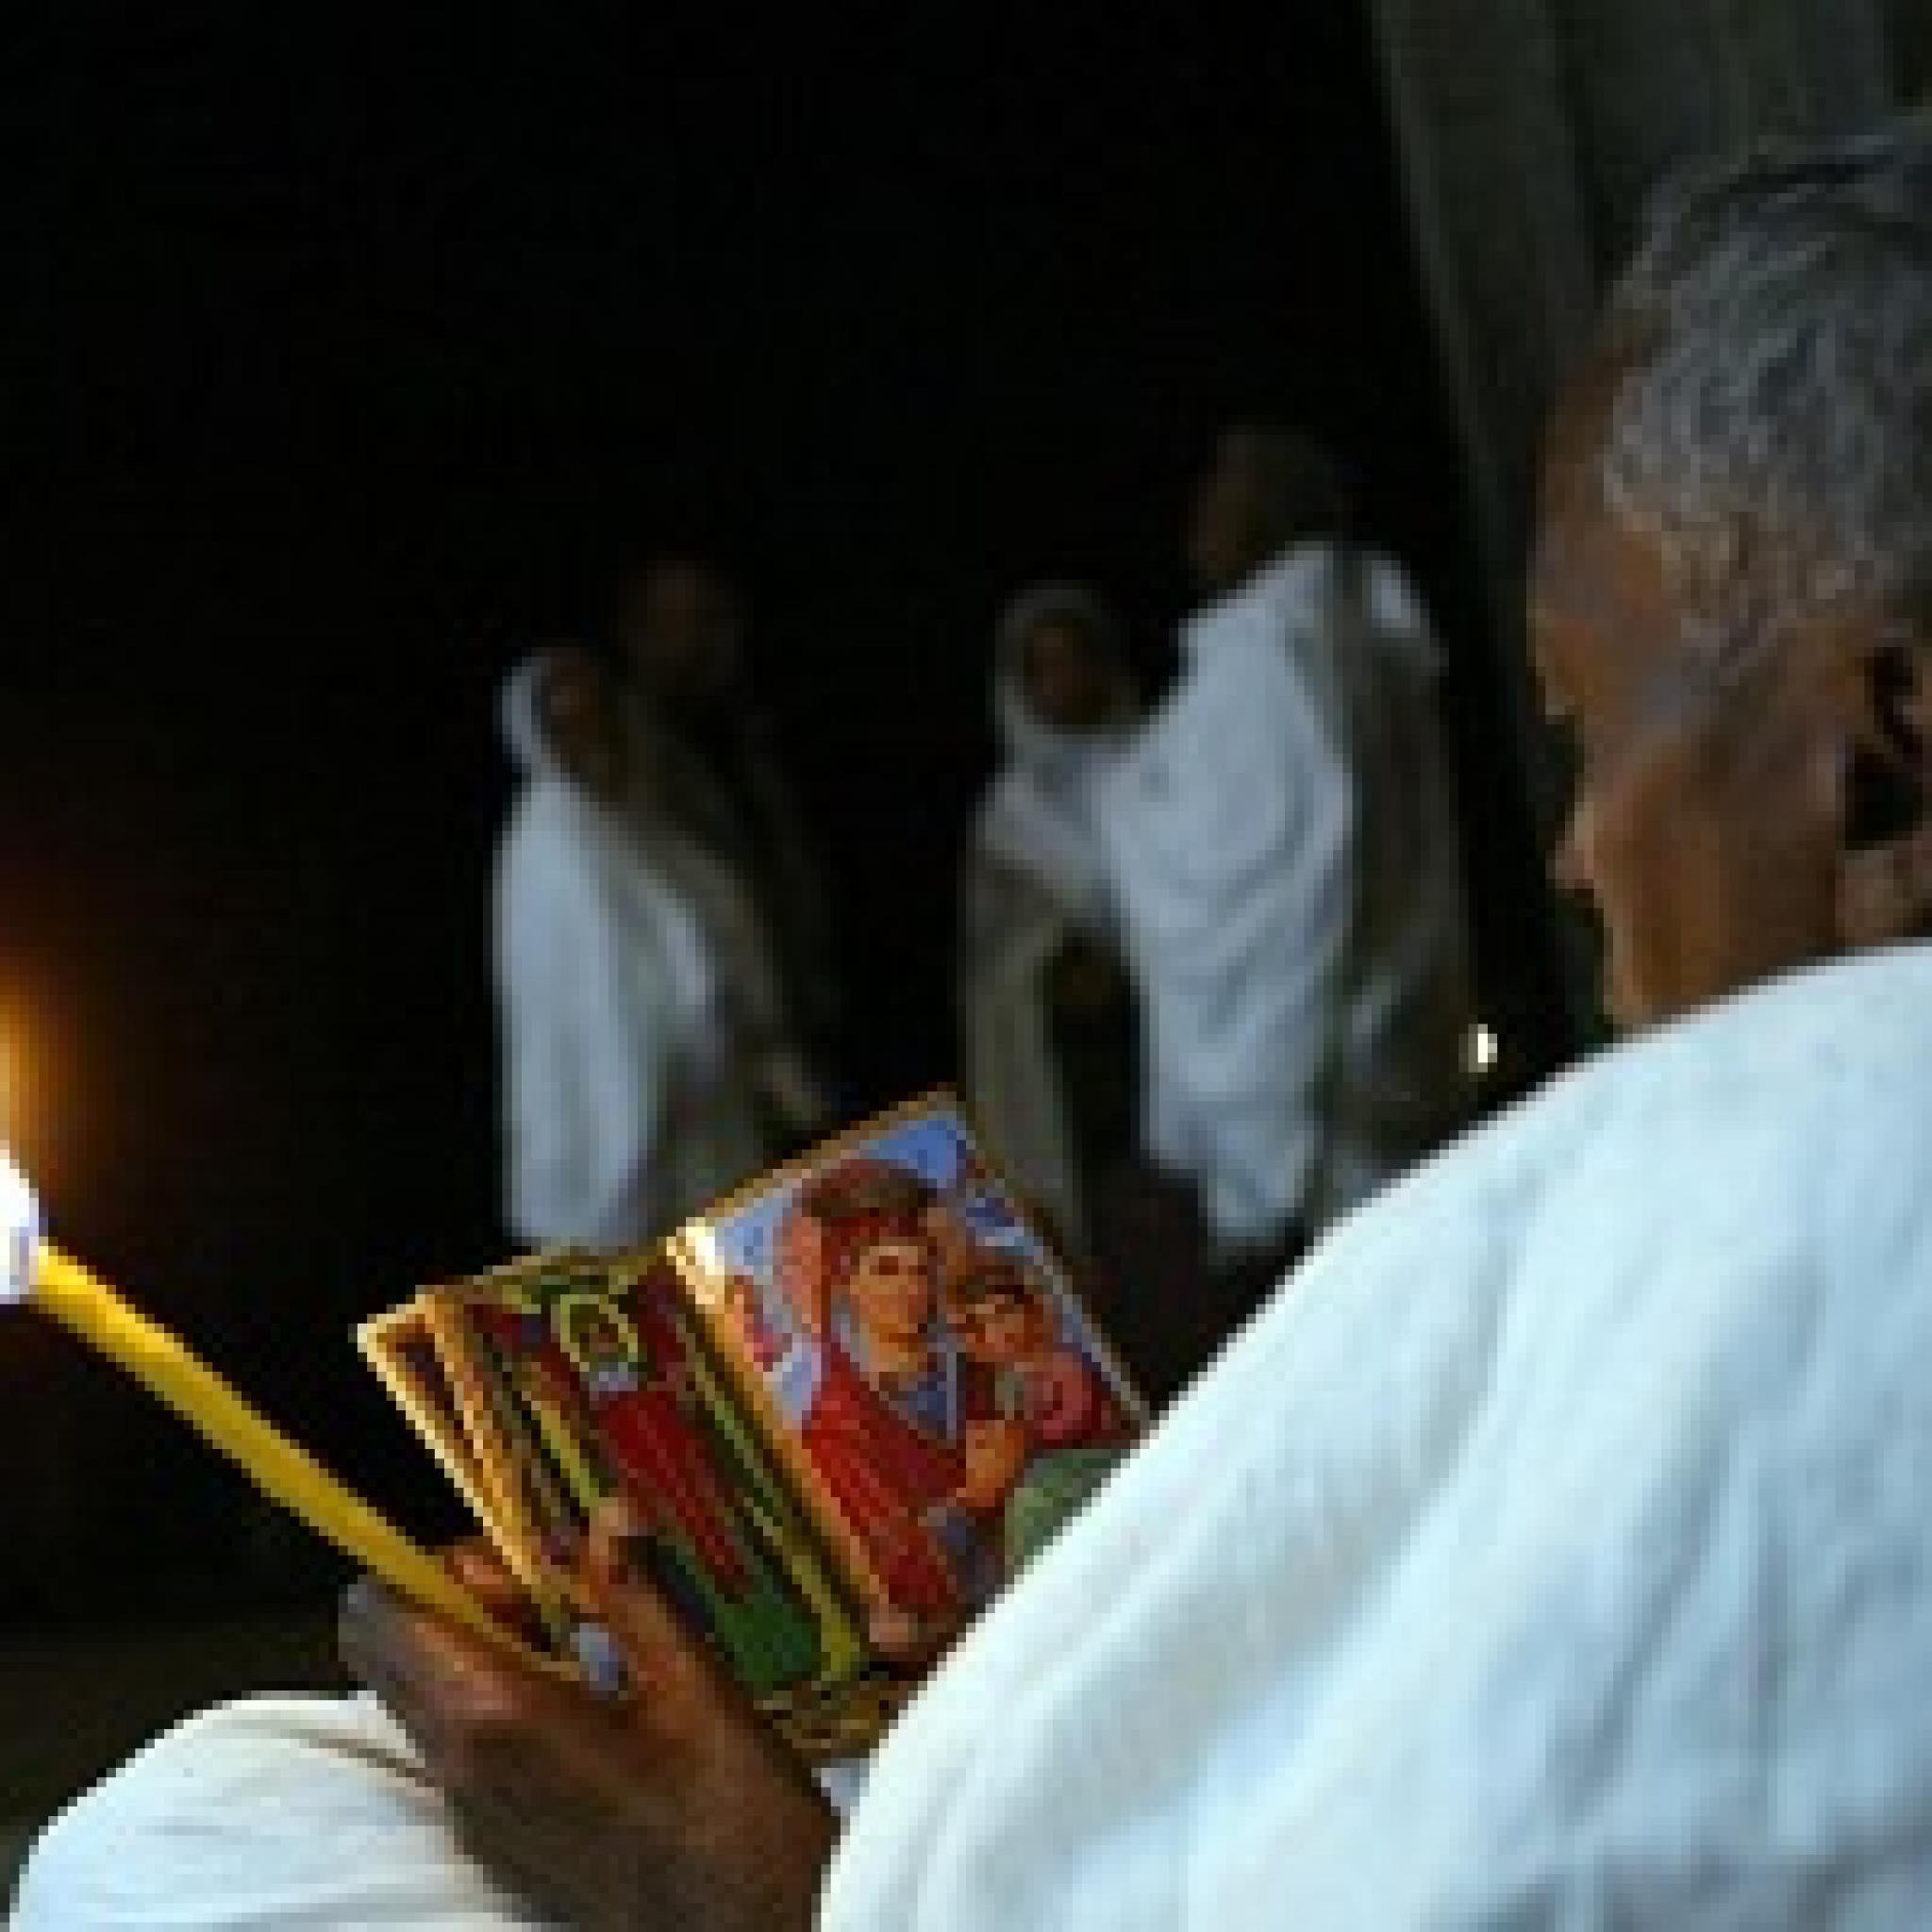 የኢትዮጵያ ገና ለምን ታህሳስ 29 ይከበራል? - Why Ethiopian Celebrate Ethiopian Christmas on January 7?